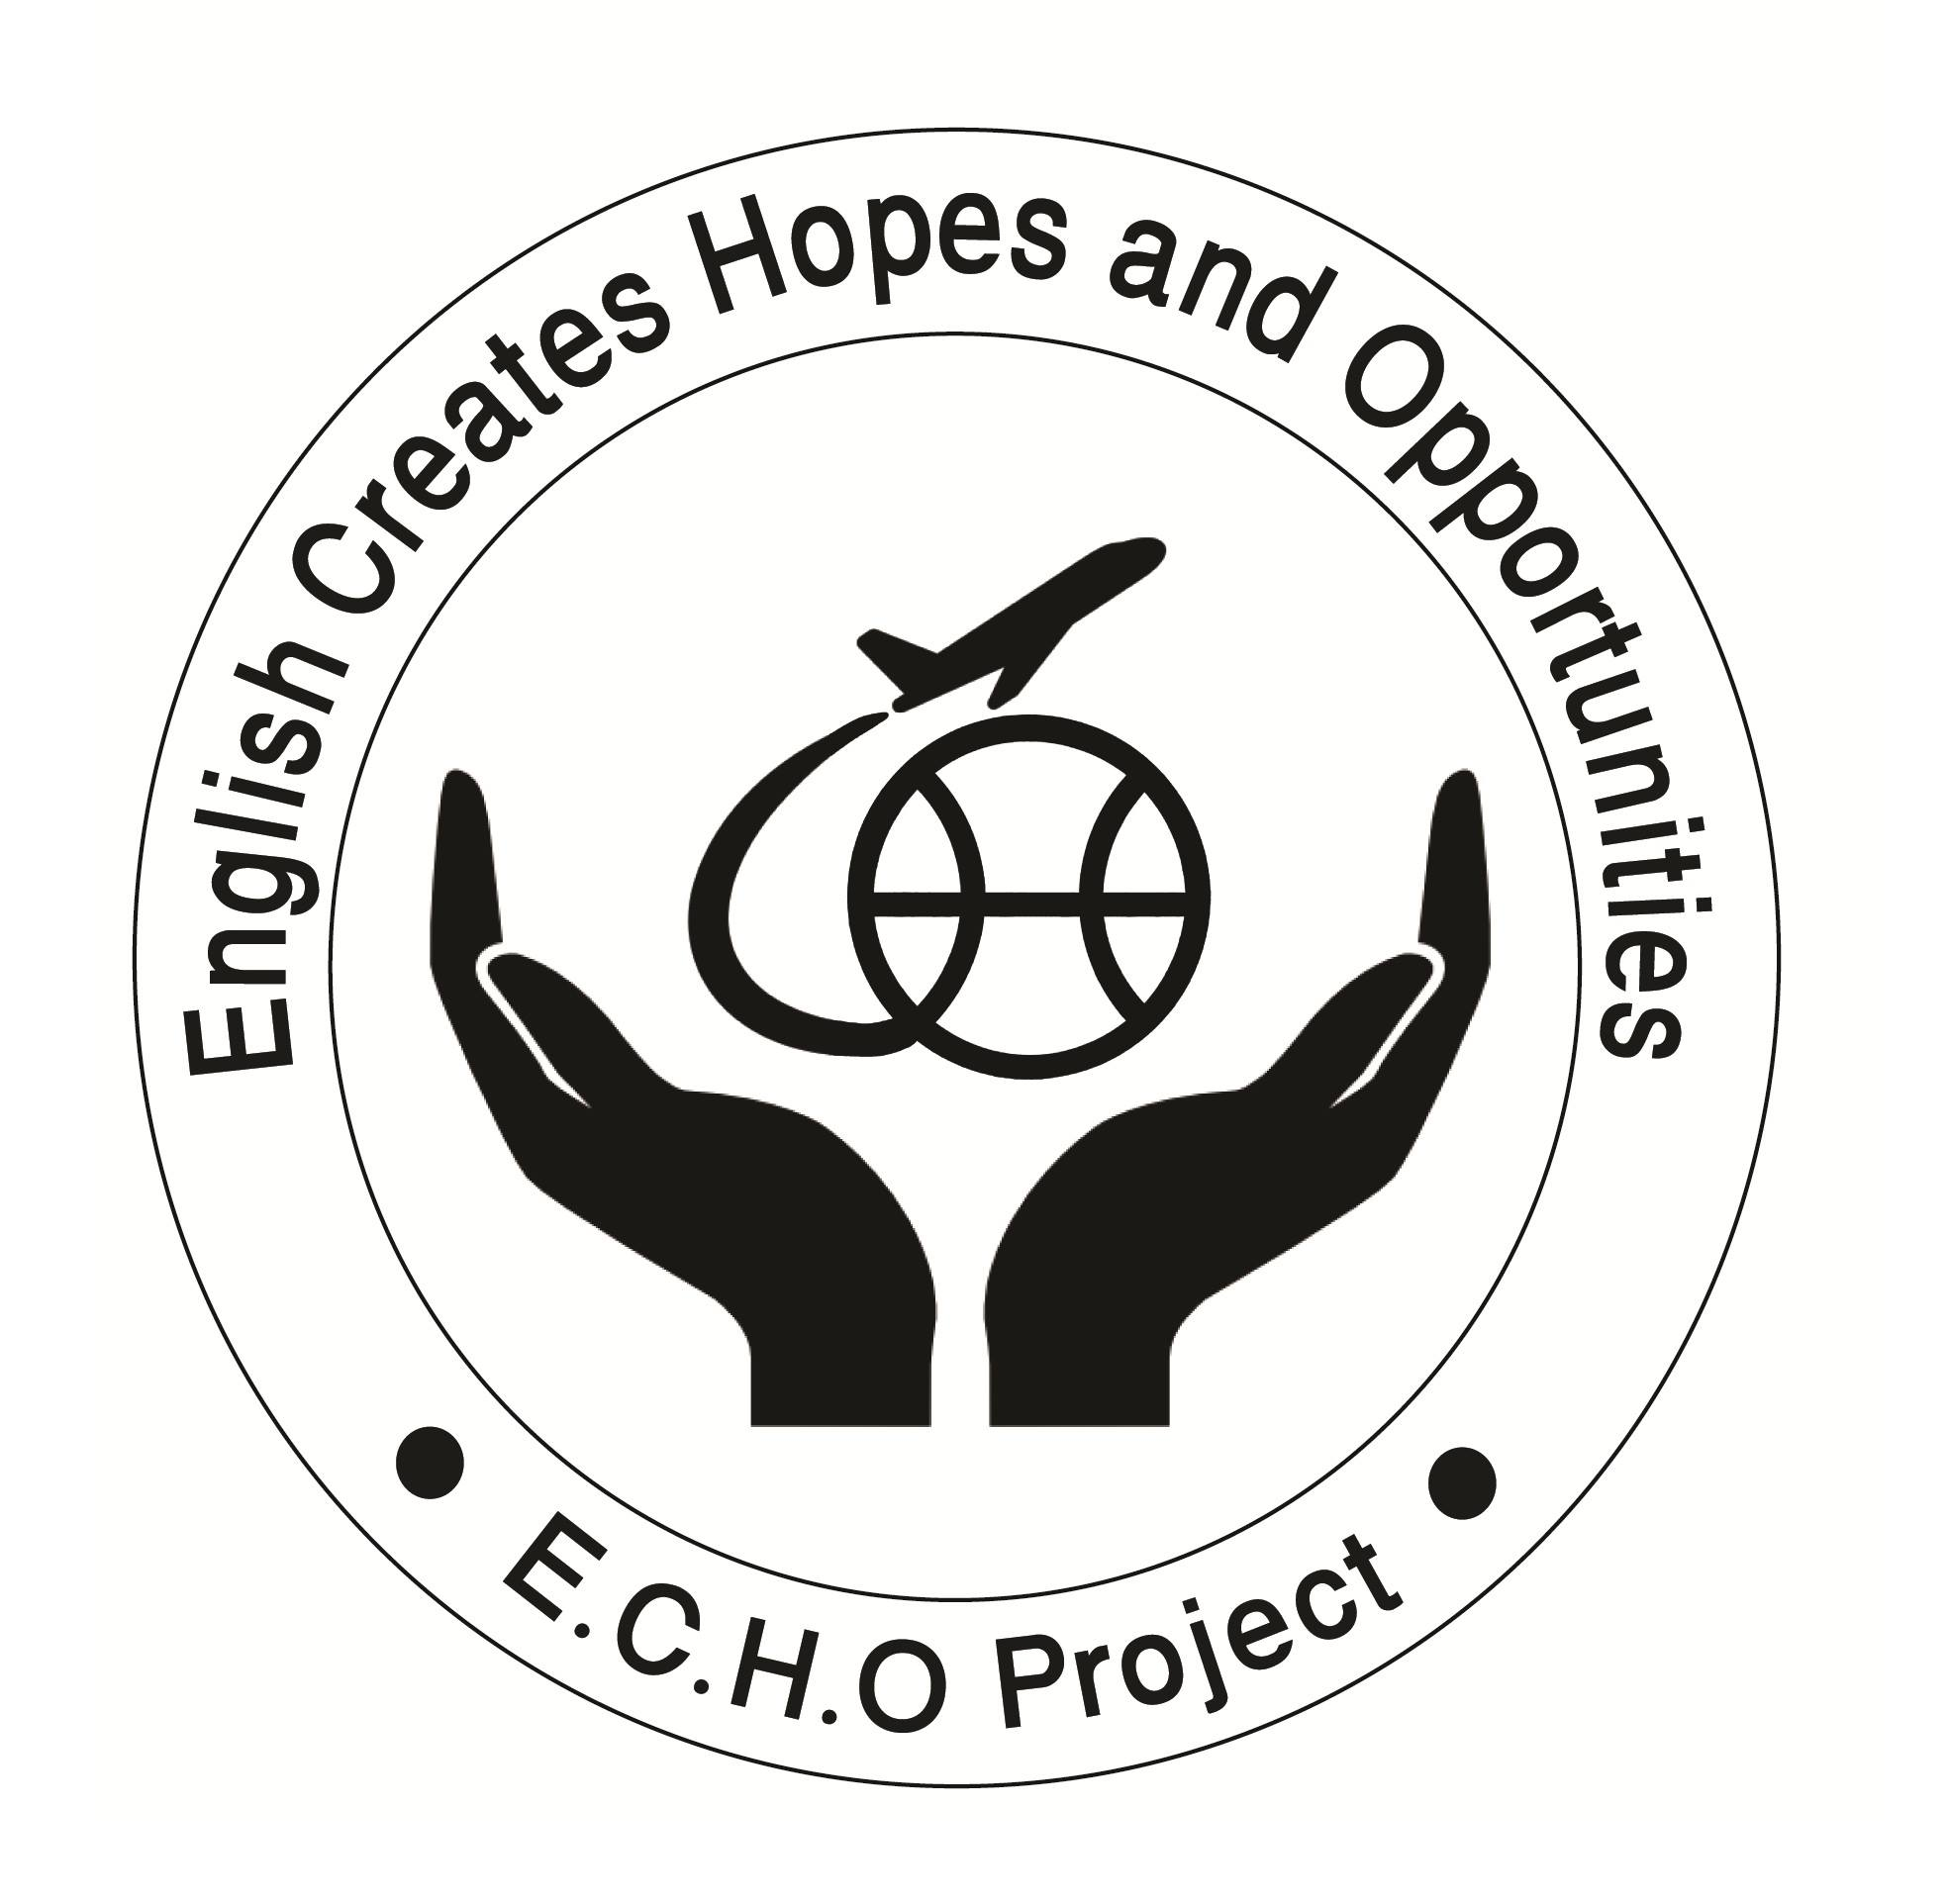 E.C.H.O Project